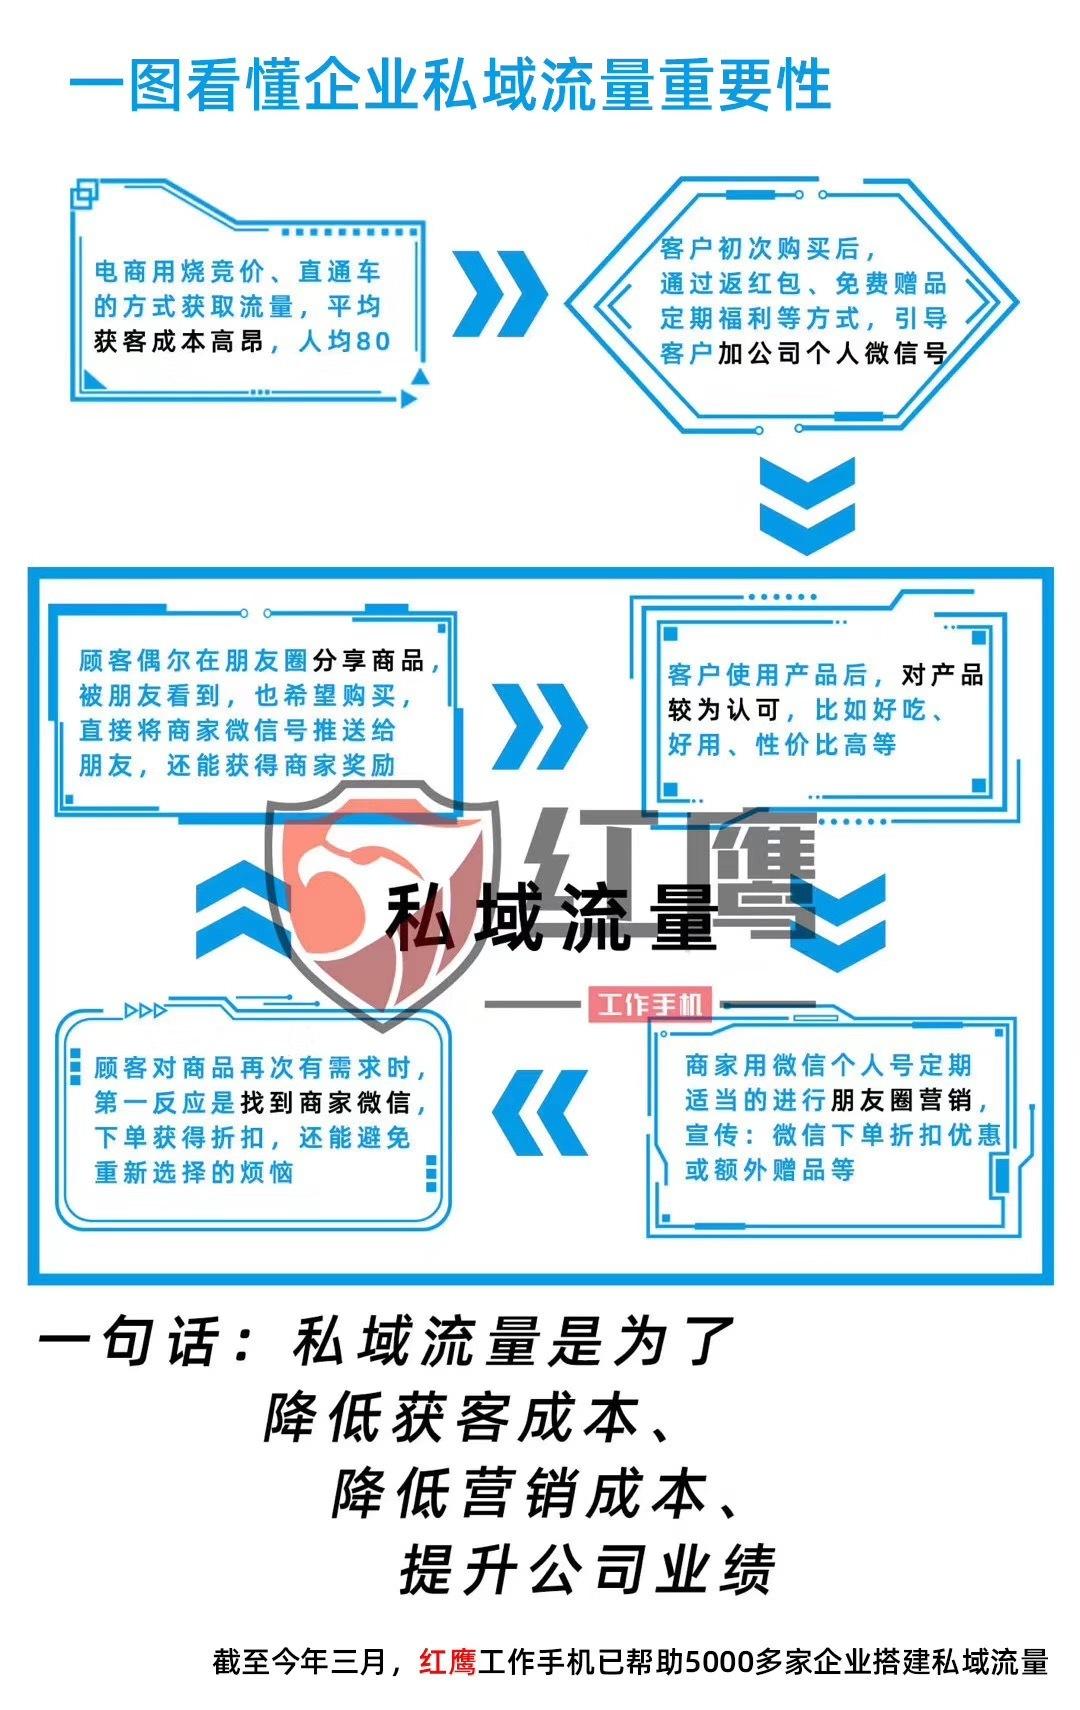 企业微信图片_20200325093011